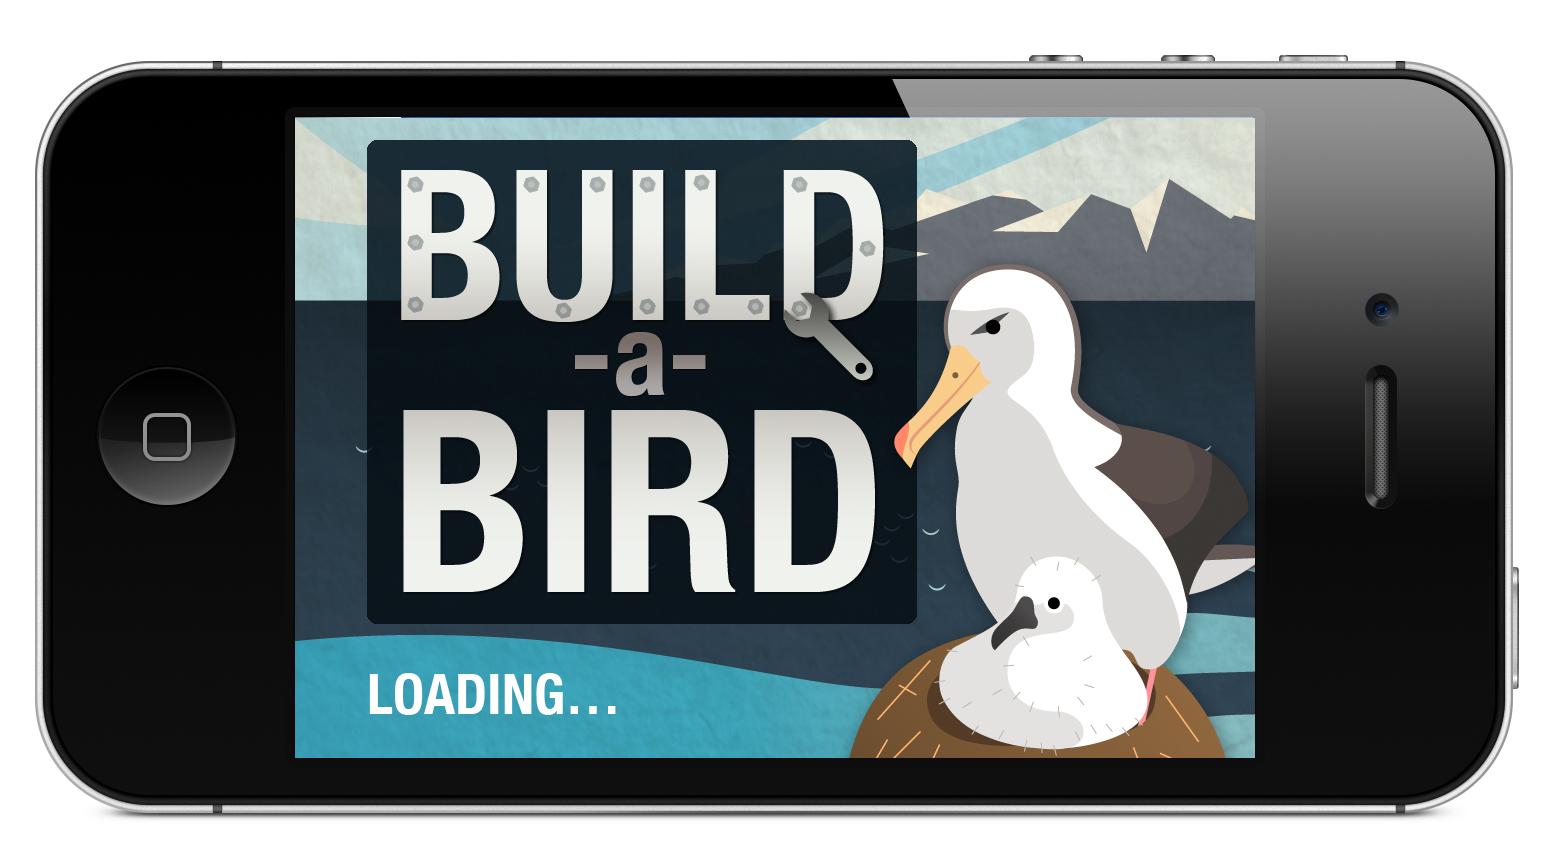 Build A Bird Mobile App